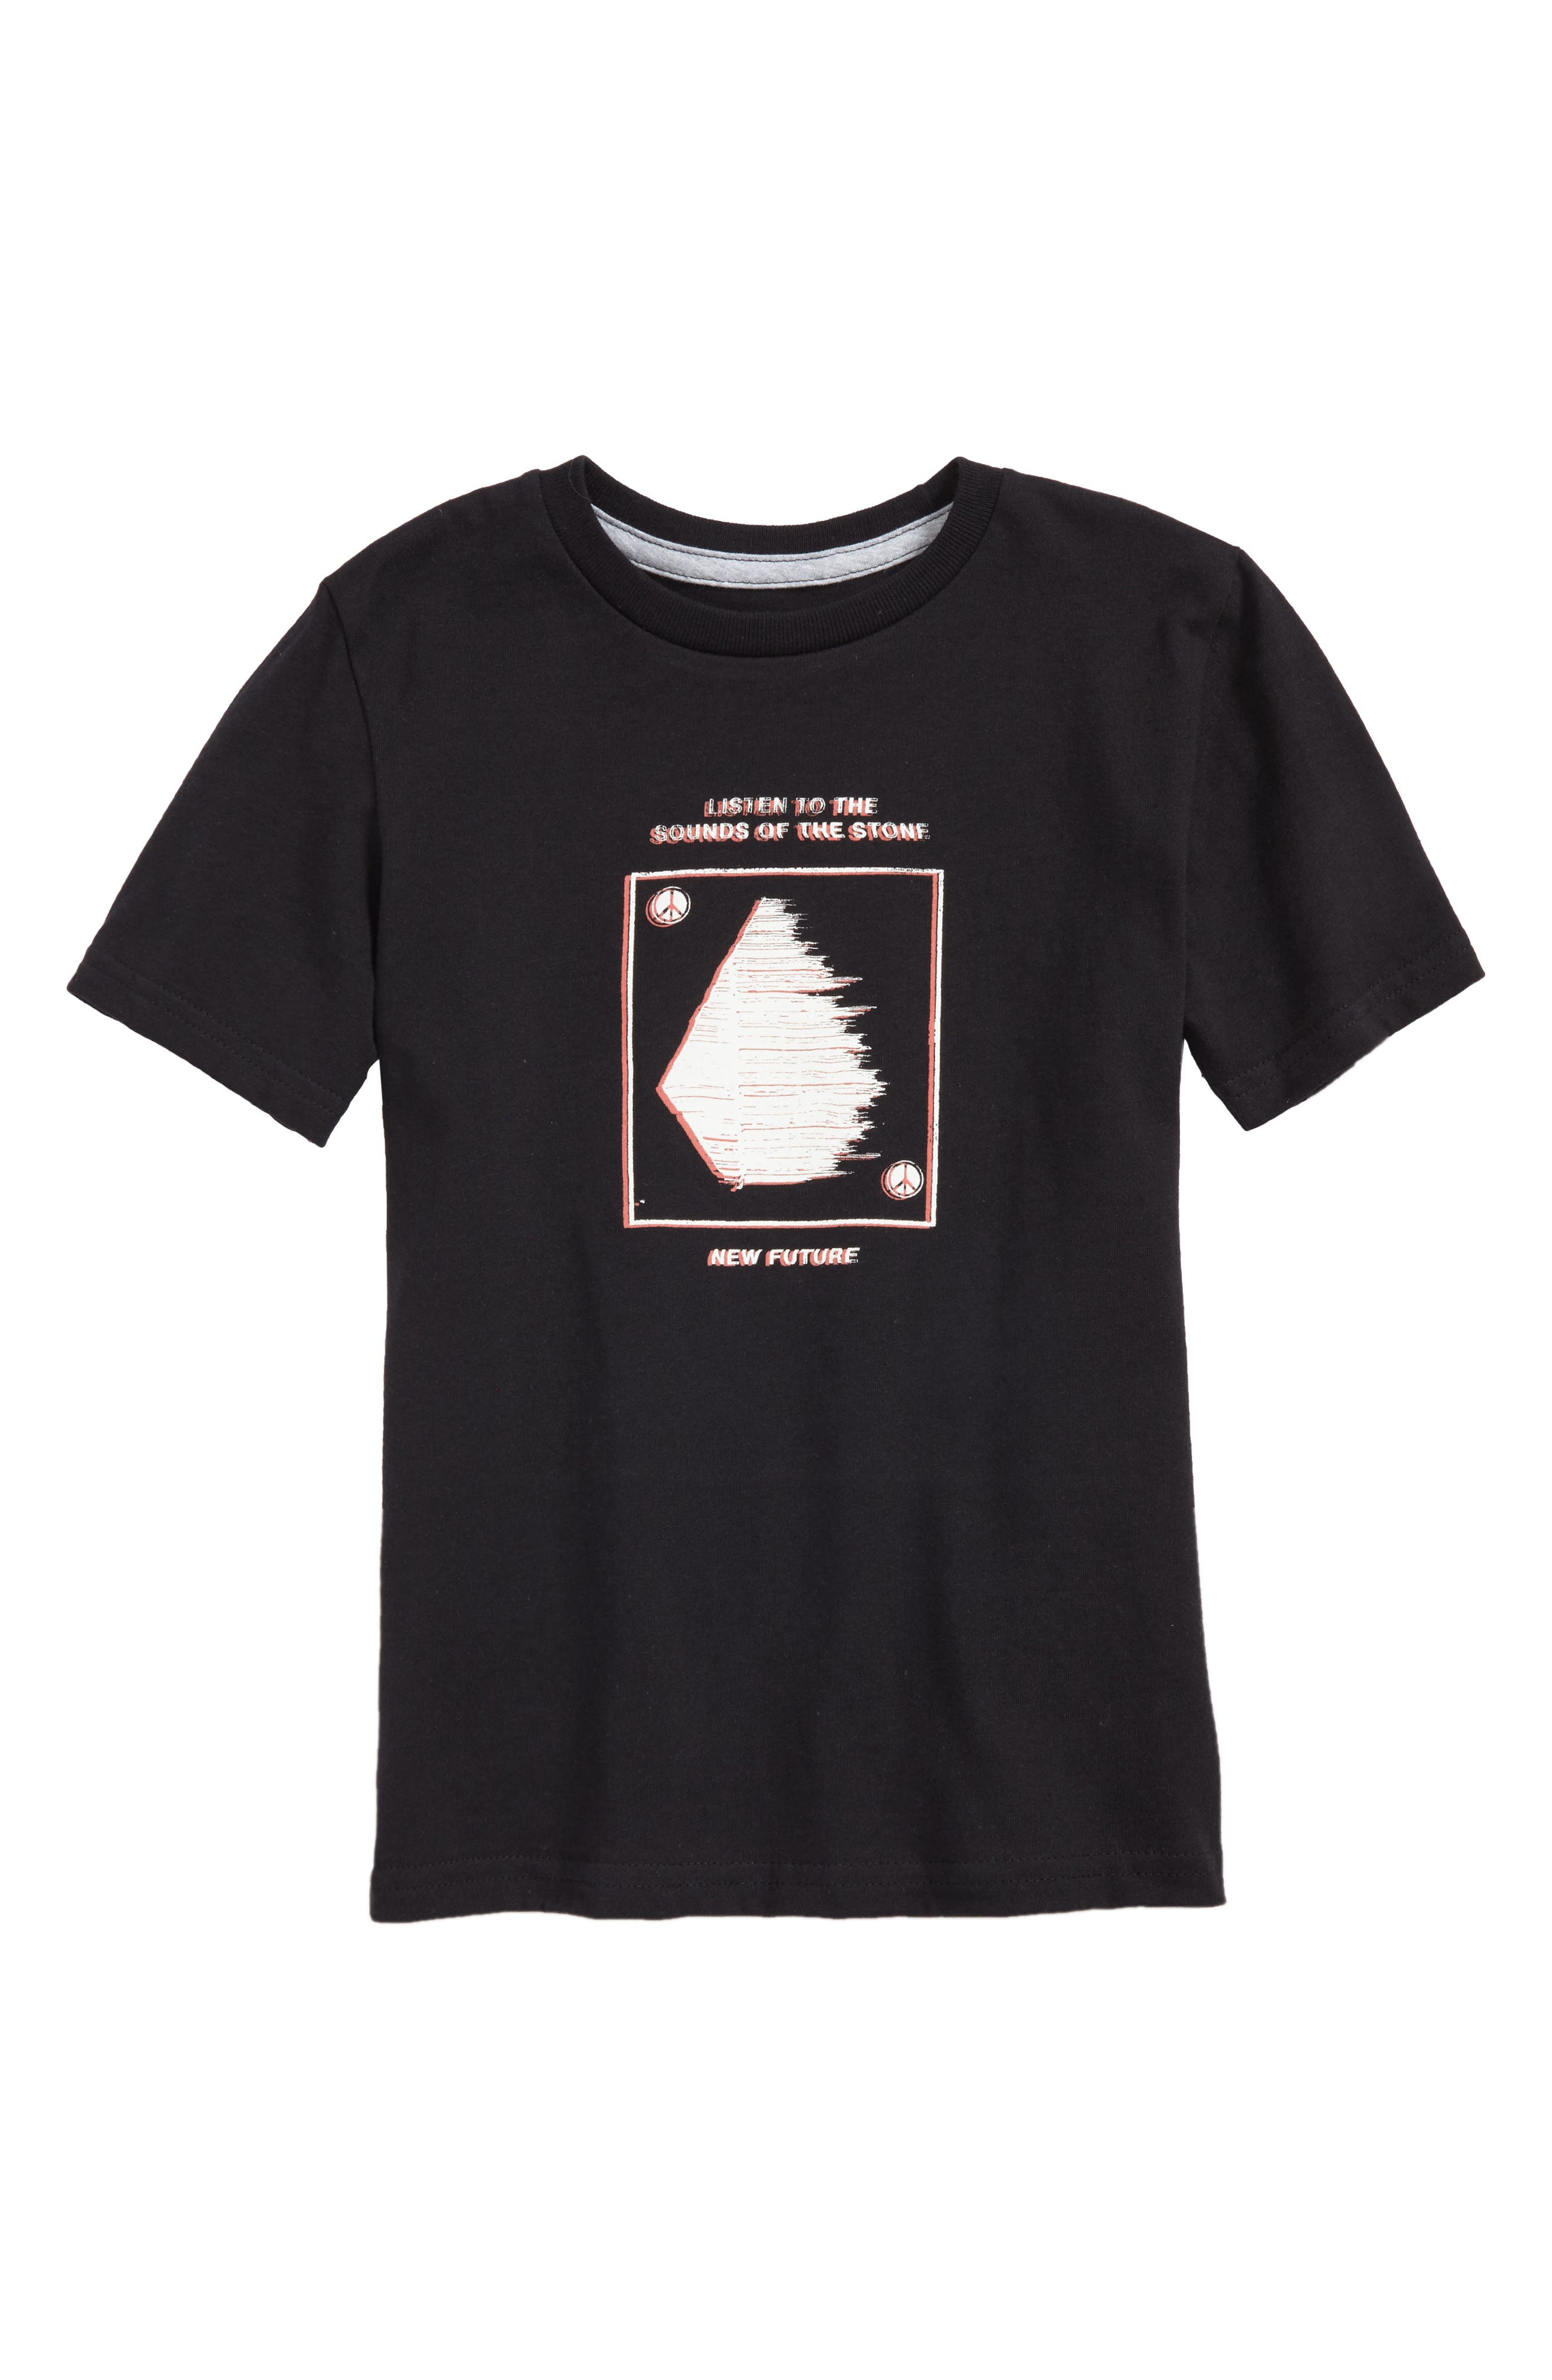 Sound T-Shirt,                         Main,                         color, Black